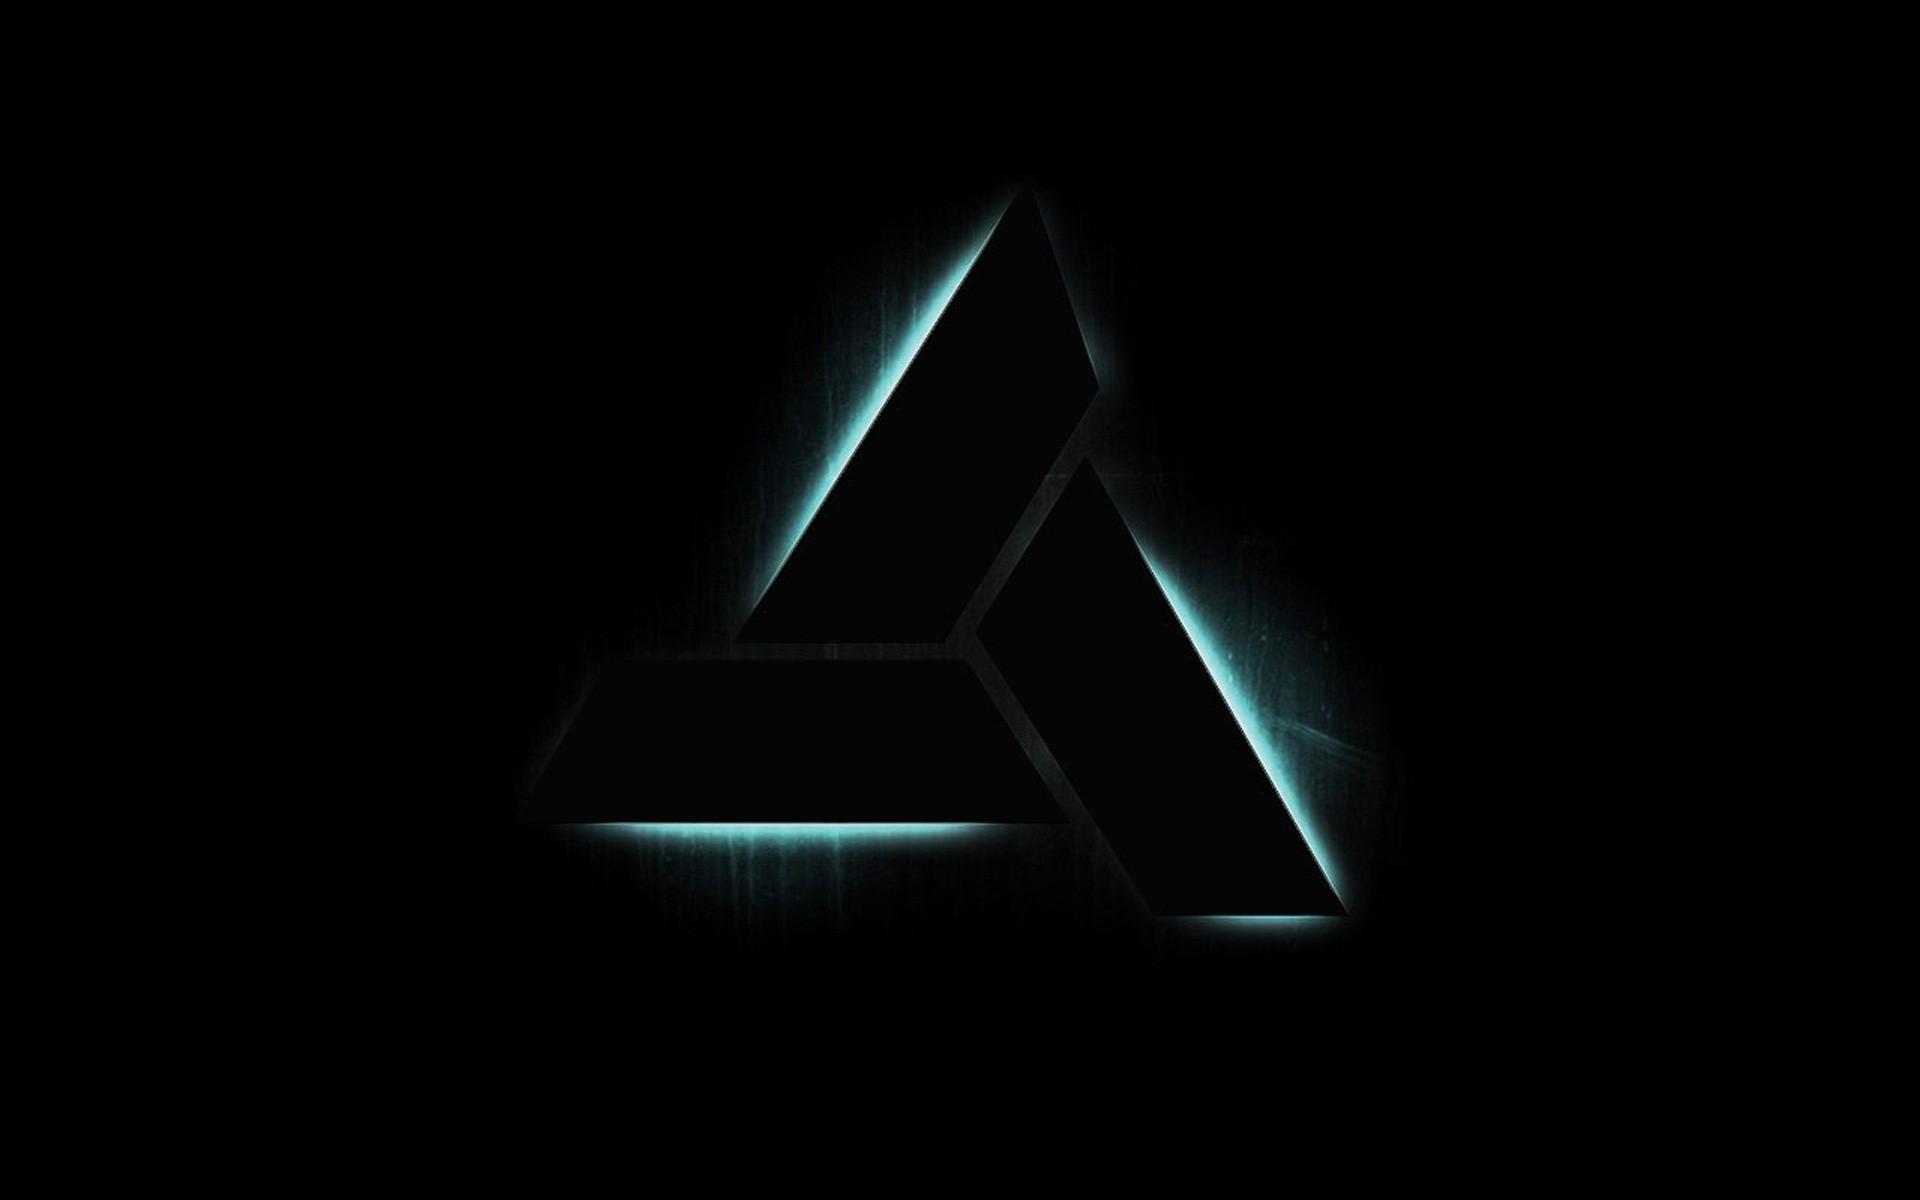 S Logo Wallpaper Assassin's Creed 3 Log...